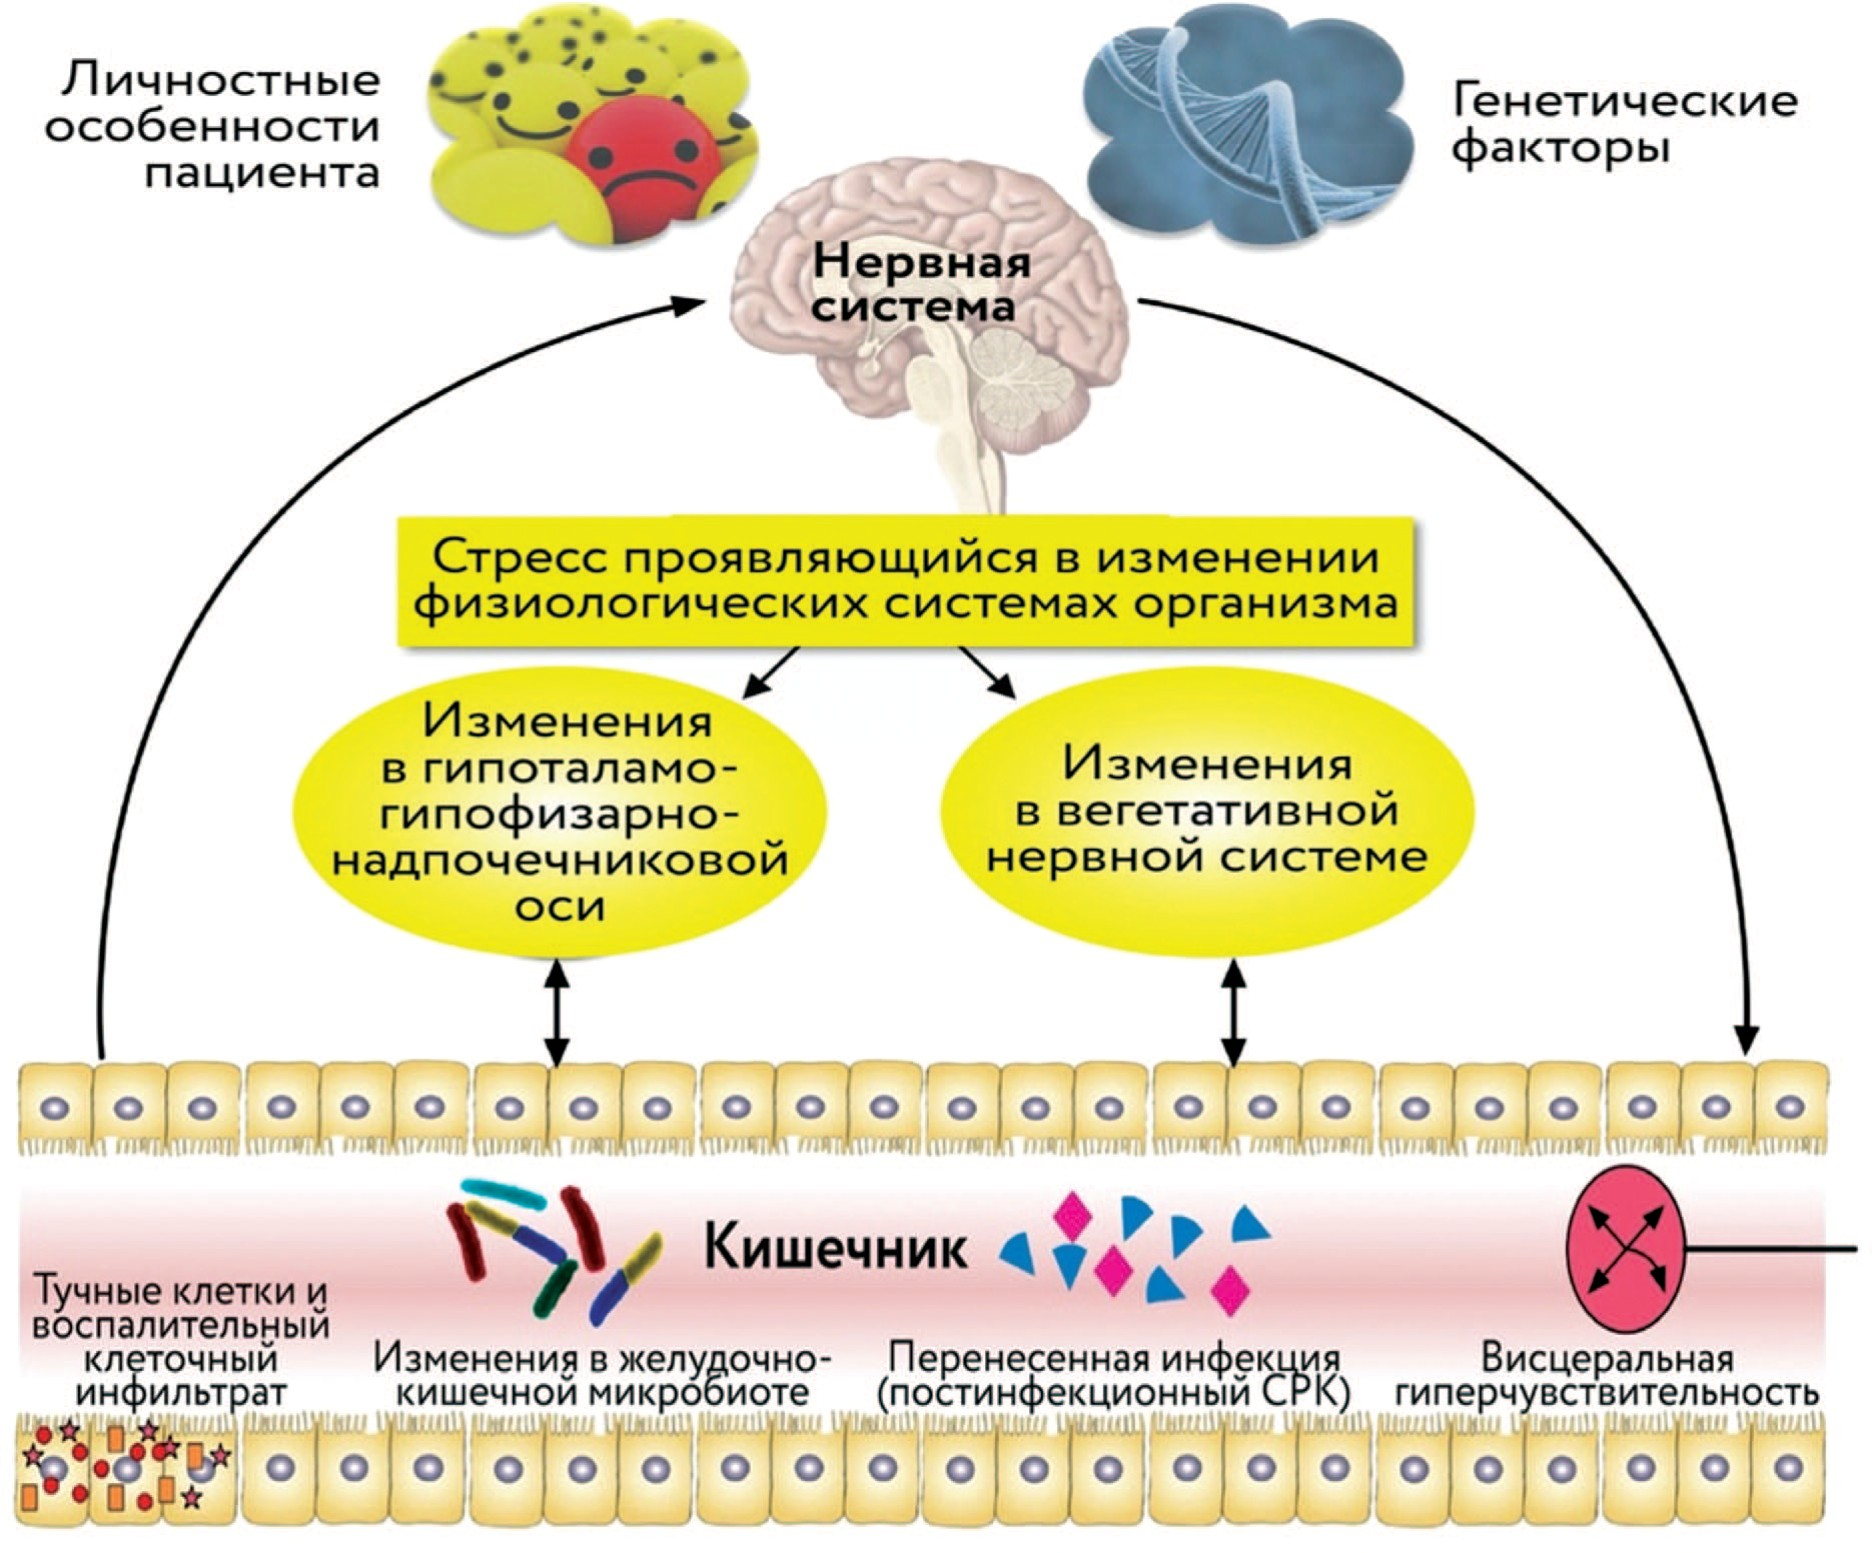 Схематическое резюме факторов, которые вовлечены в патофизиологию синдрома раздраженного кишечника в контексте оси нервная система-кишечник